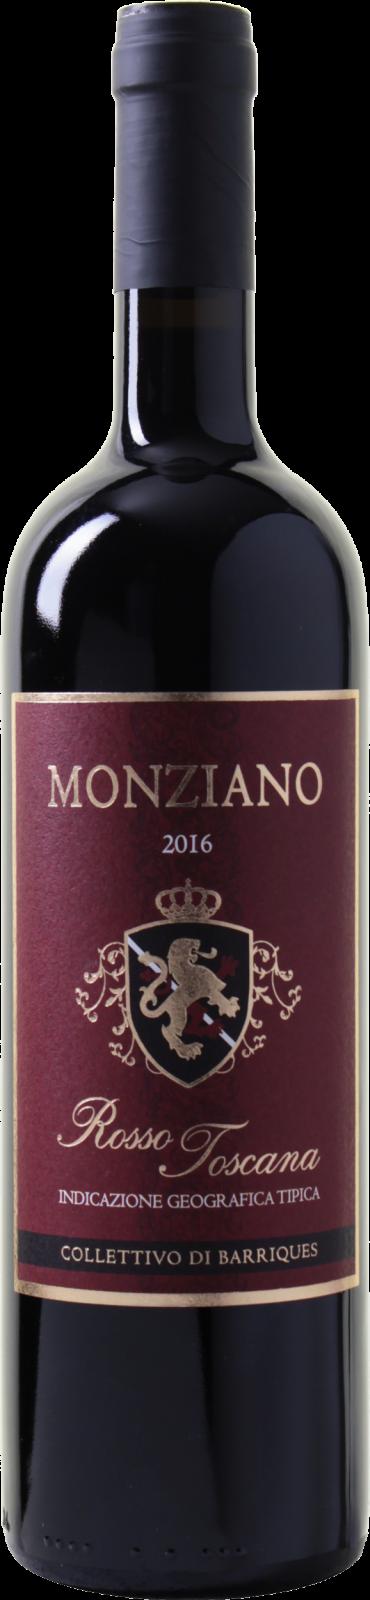 Monziano Rosso Toscana